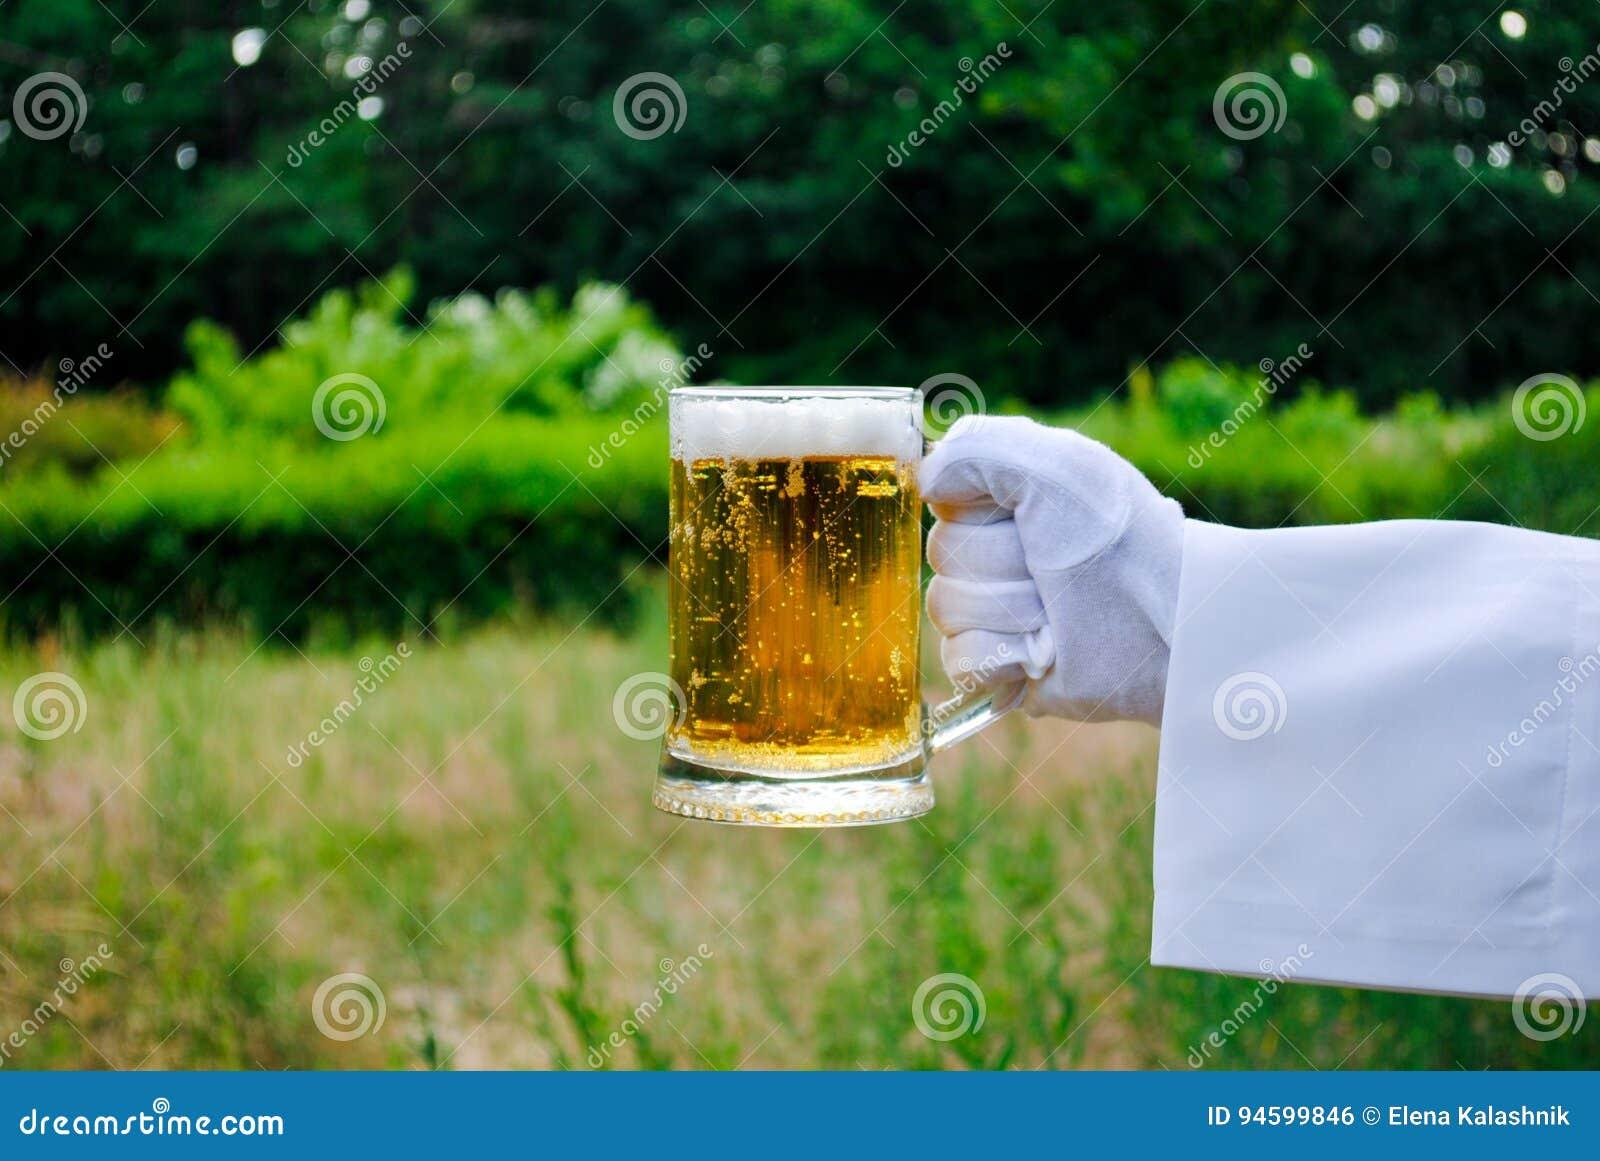 Рука ` s кельнера в белой перчатке держит стекло пива на фоне природы